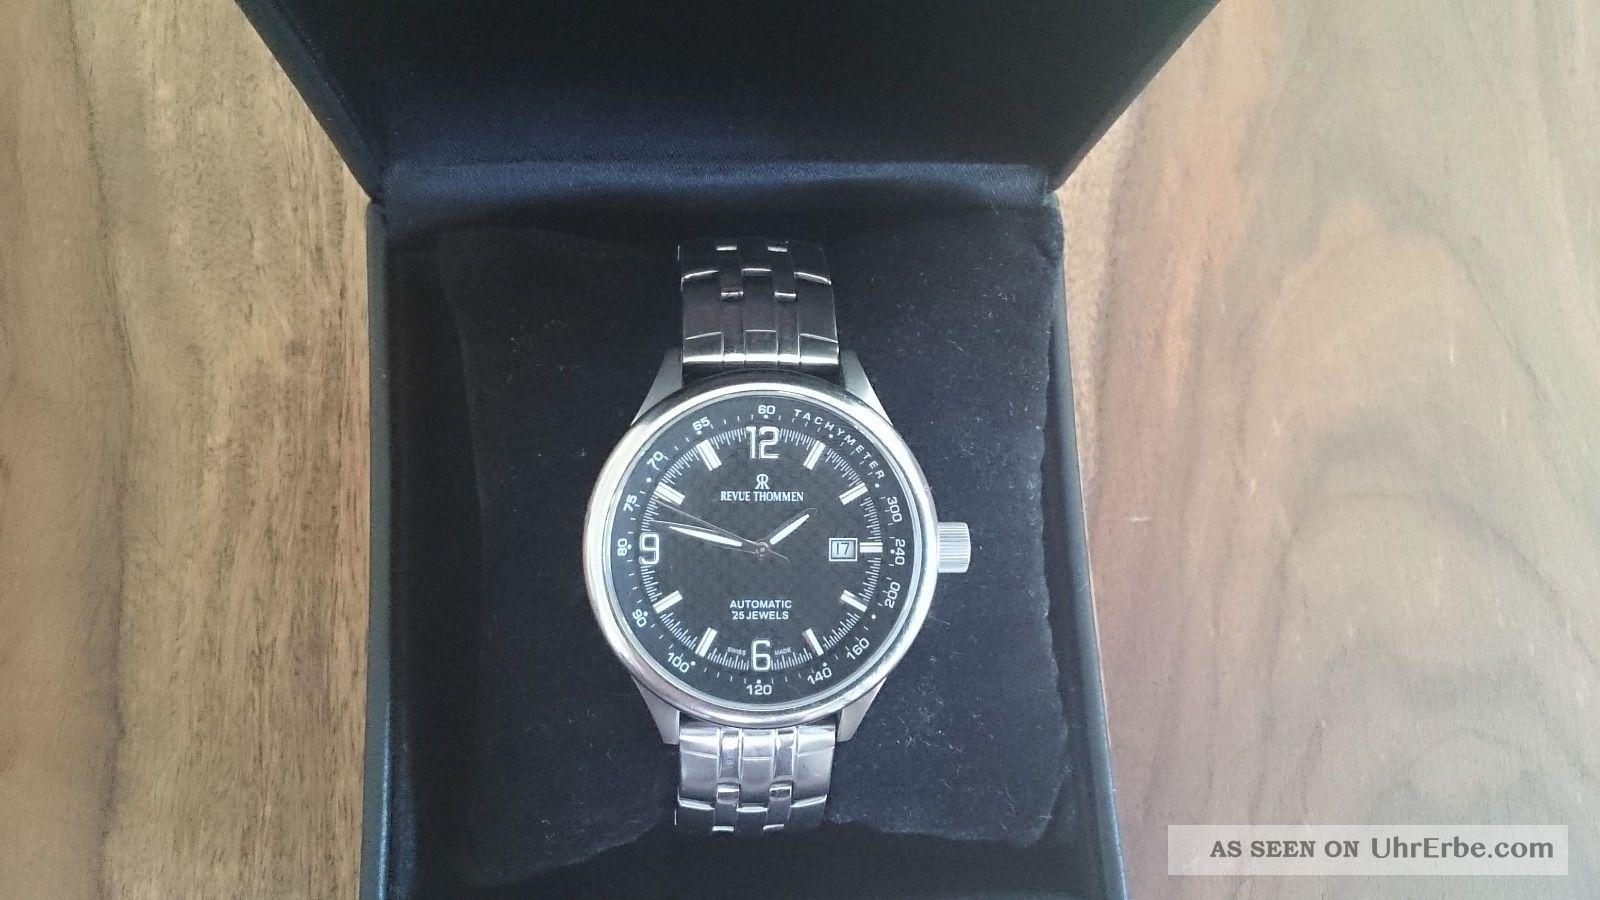 Revue Thommen Pilot Professional - Uvp 850€ Armbanduhren Bild